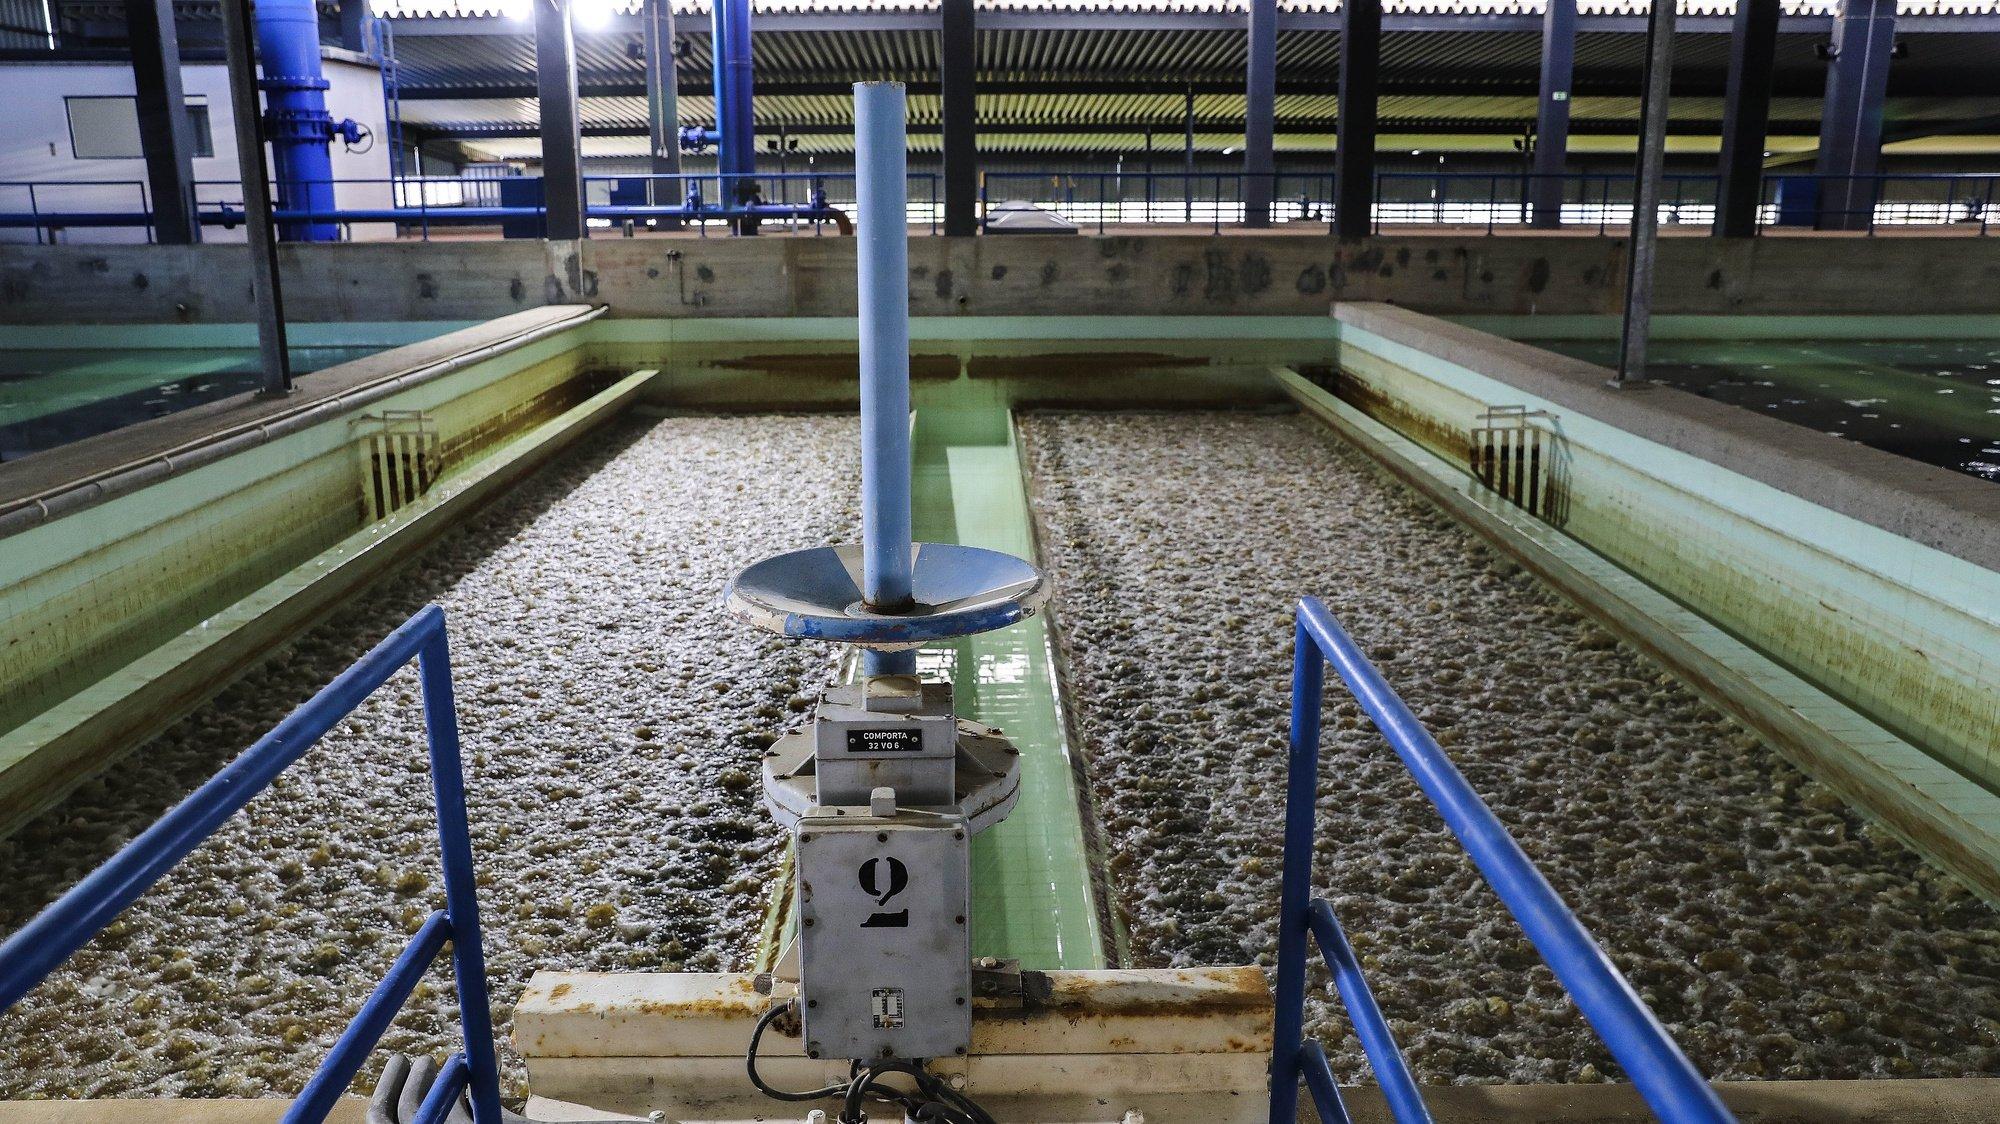 """Estação de Tratamento de Águas (ETA), em Asseiceira, Tomar, 17 de março de 2021. A Estação de Tratamento de Águas (ETA) que fornece água a um terço dos portugueses vai em breve ser neutra em consumo de energia e ainda vai produzir hidrogénio verde, um projeto que deve """"orgulhar o país"""". (ACOMPANHA TEXTO DA LUSA DO DIA 05 DE ABRIL DE 2021). JOÃO RELVAS/LUSA"""